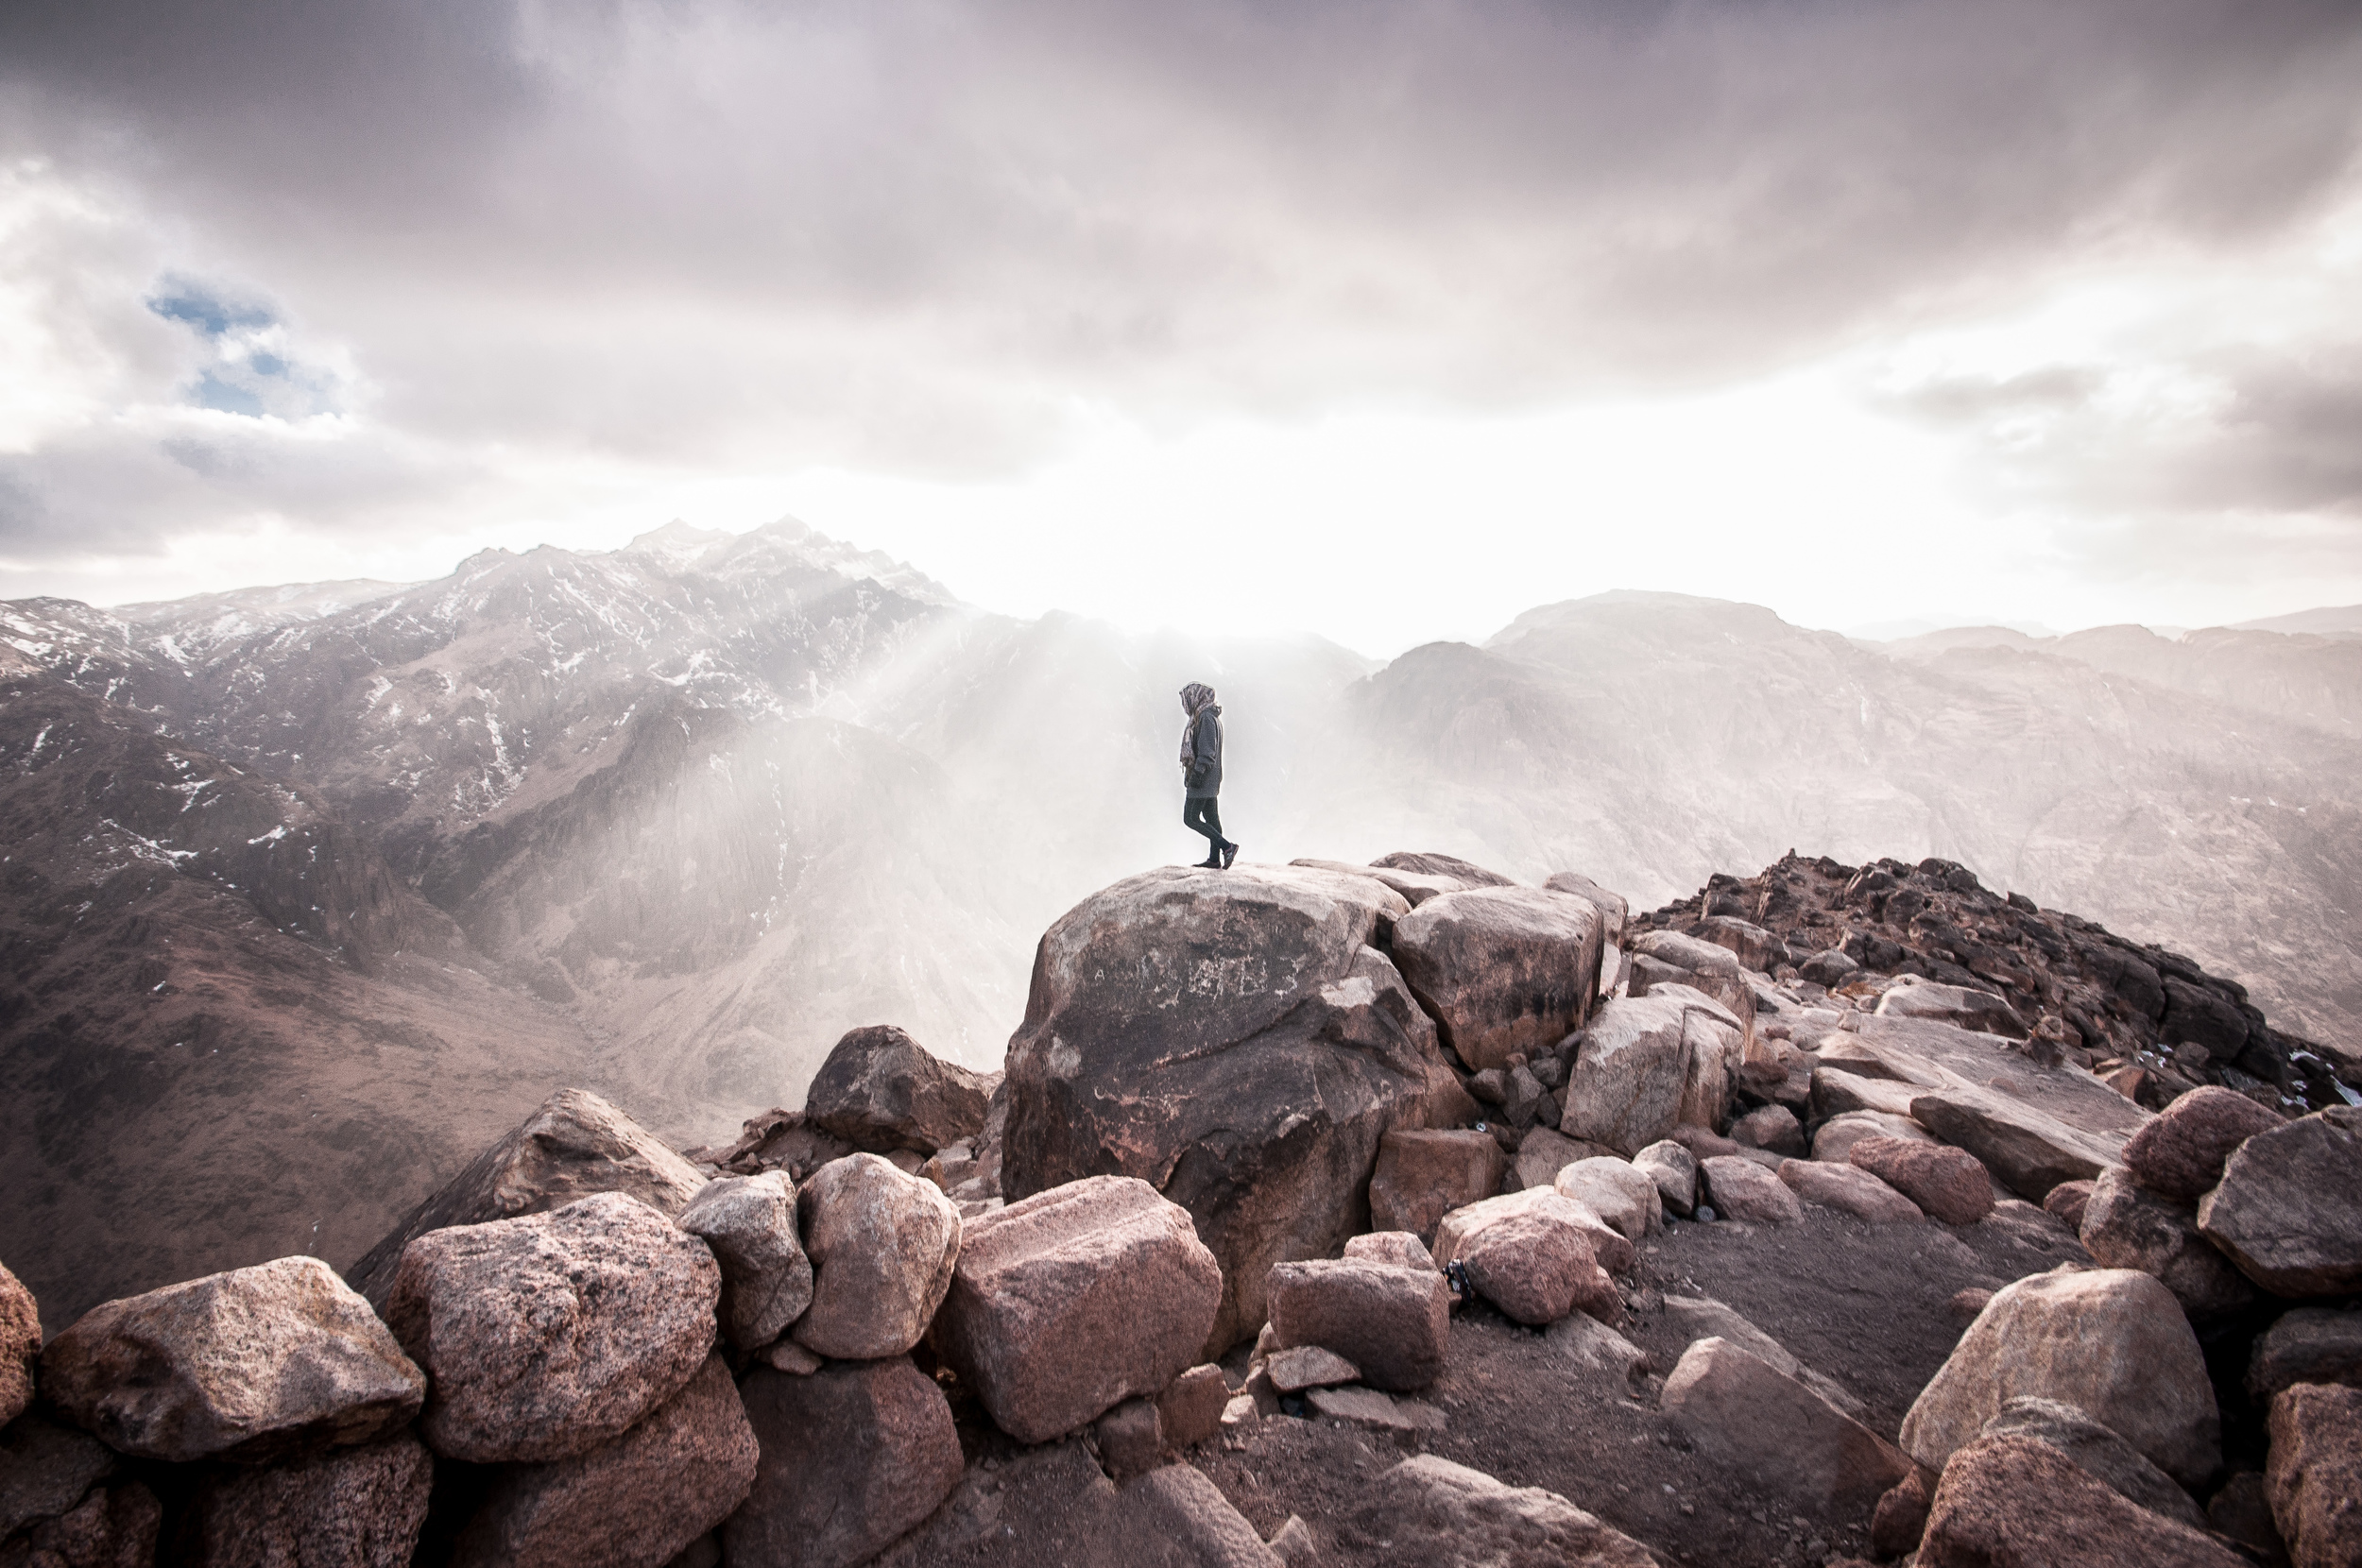 At The Summit of Mt. Sinai, Egypt